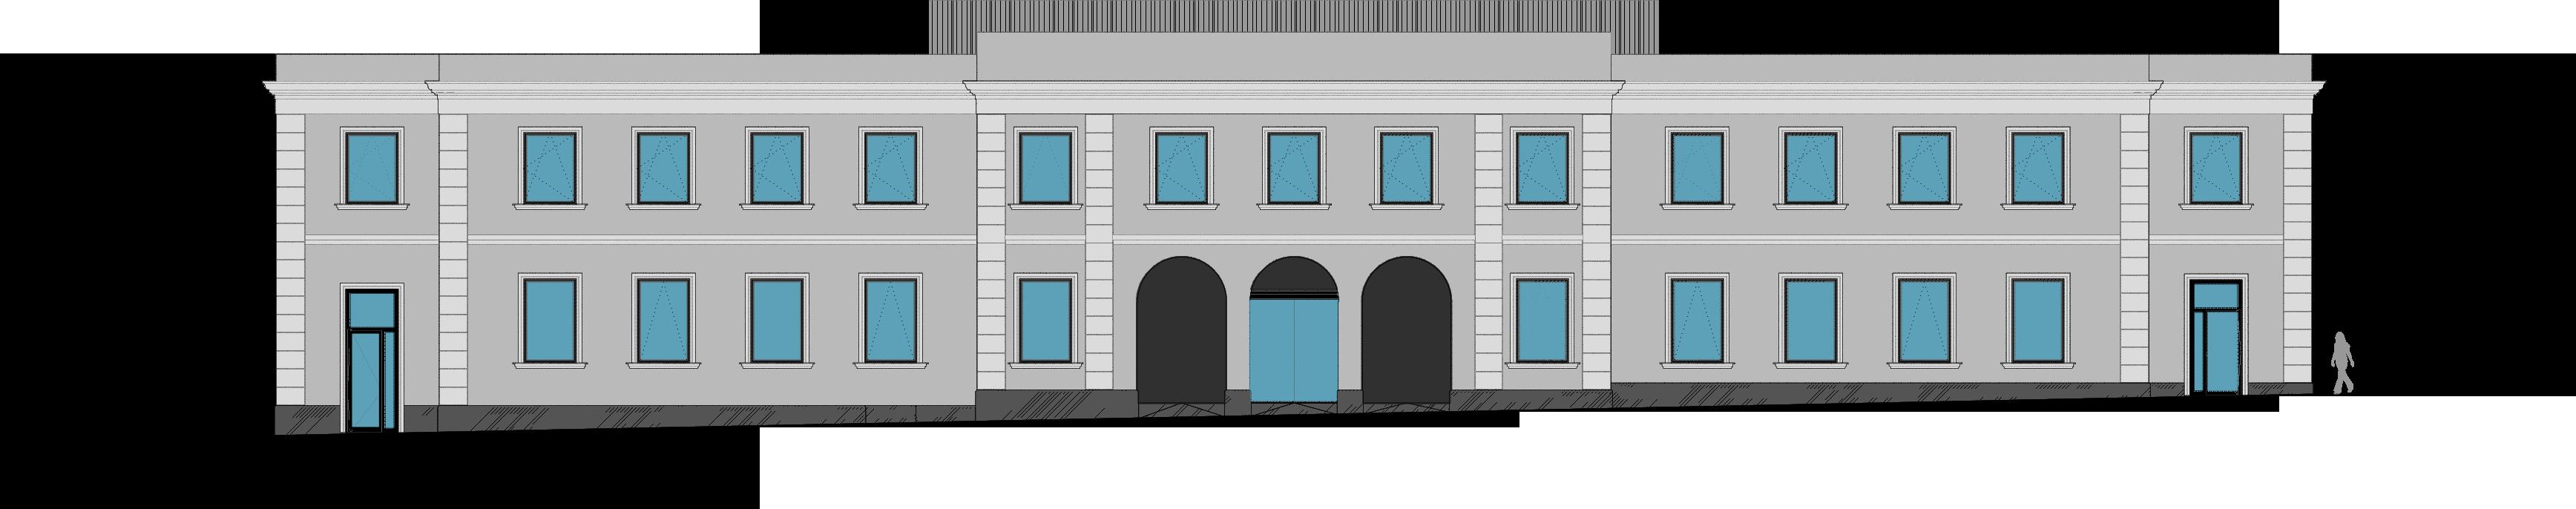 fachadaportugal_250